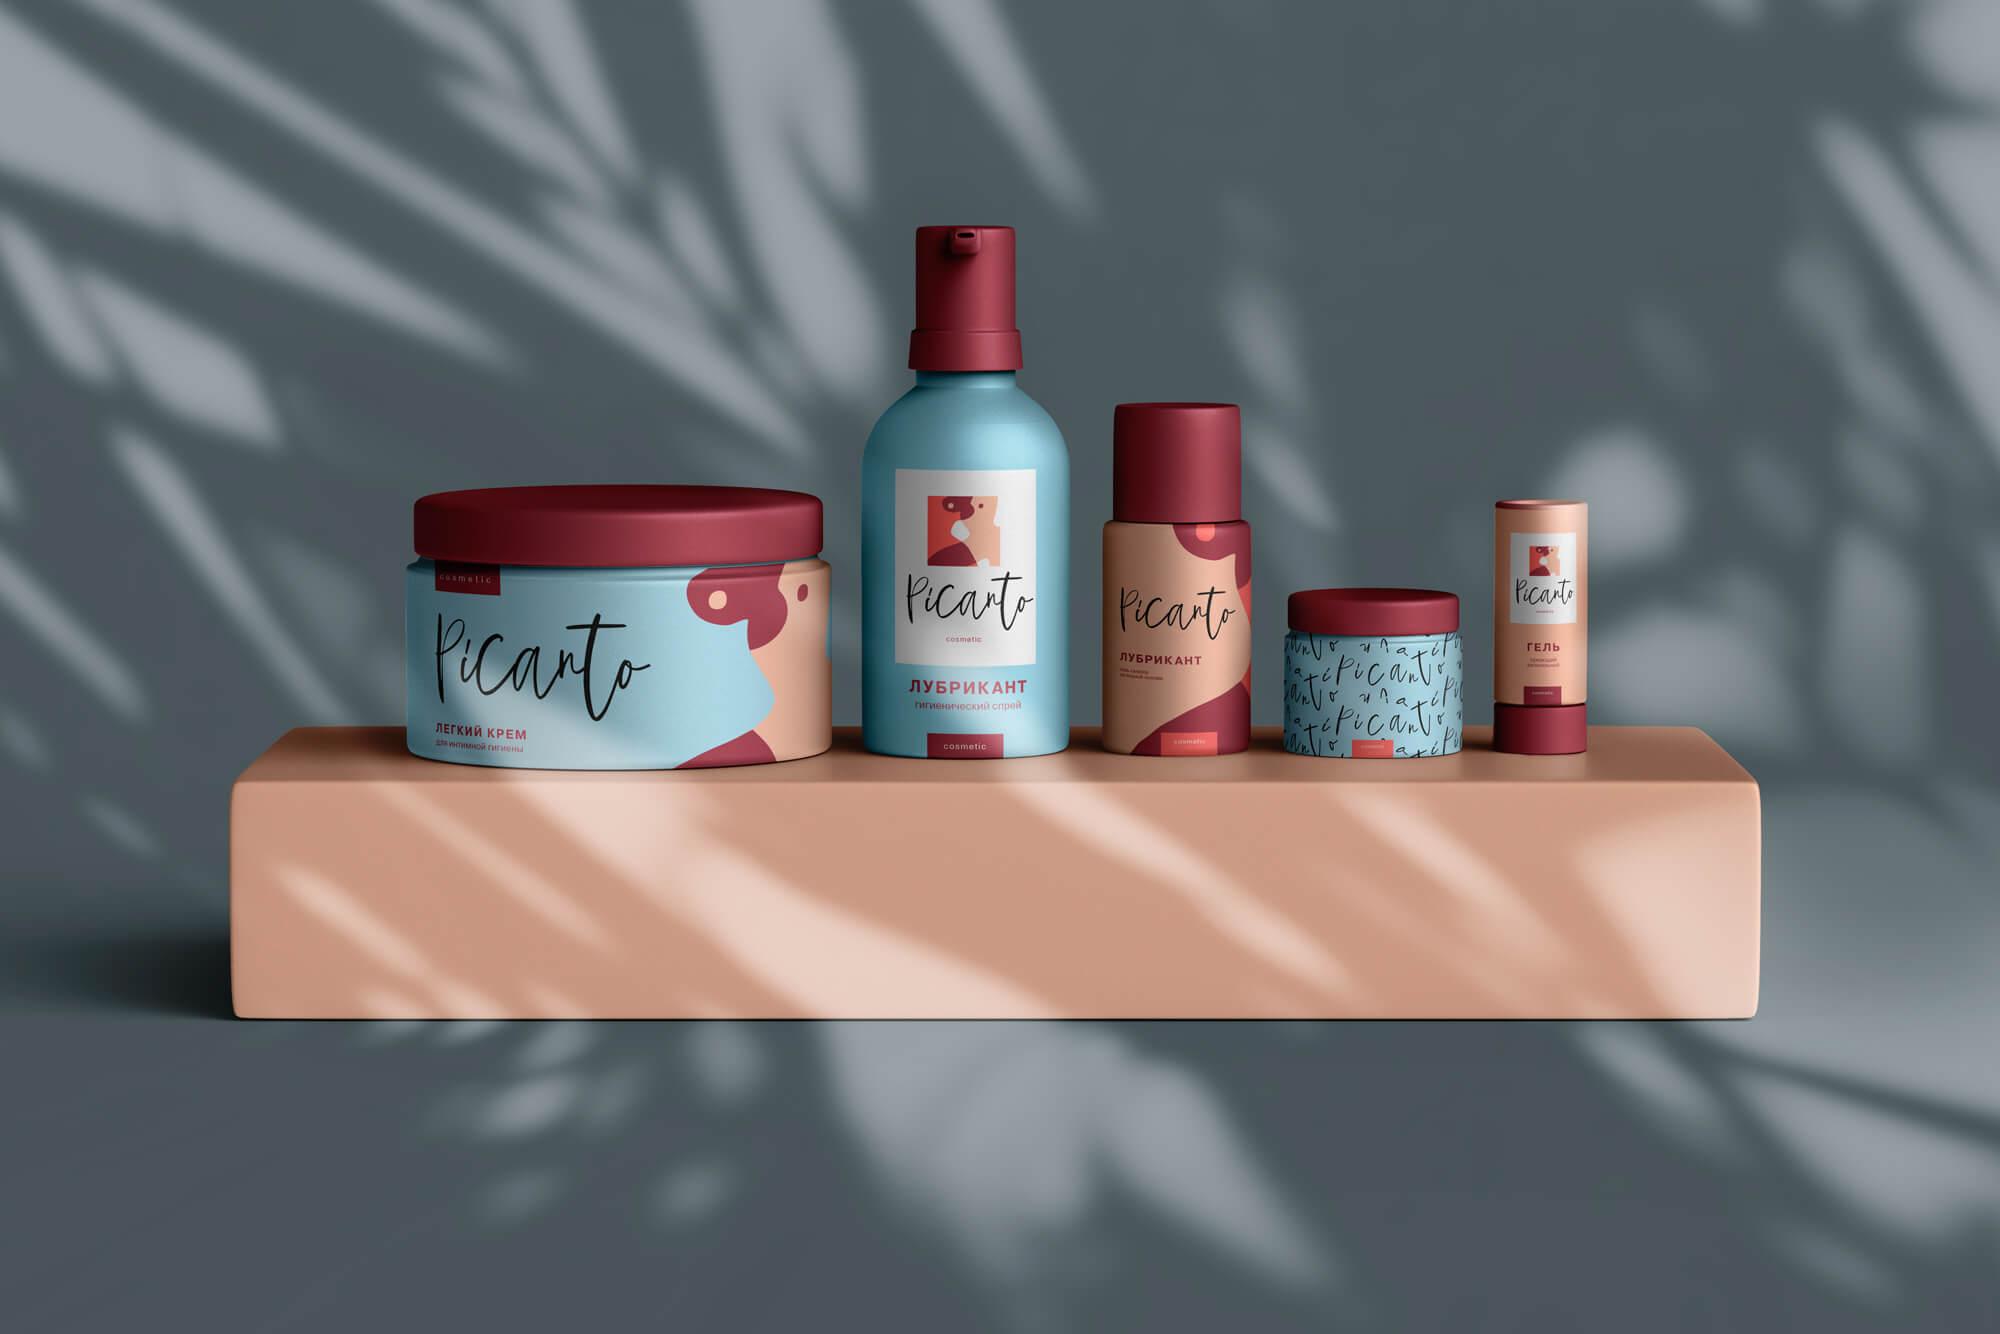 Дизайн косметики «Picanto», серия упаковки